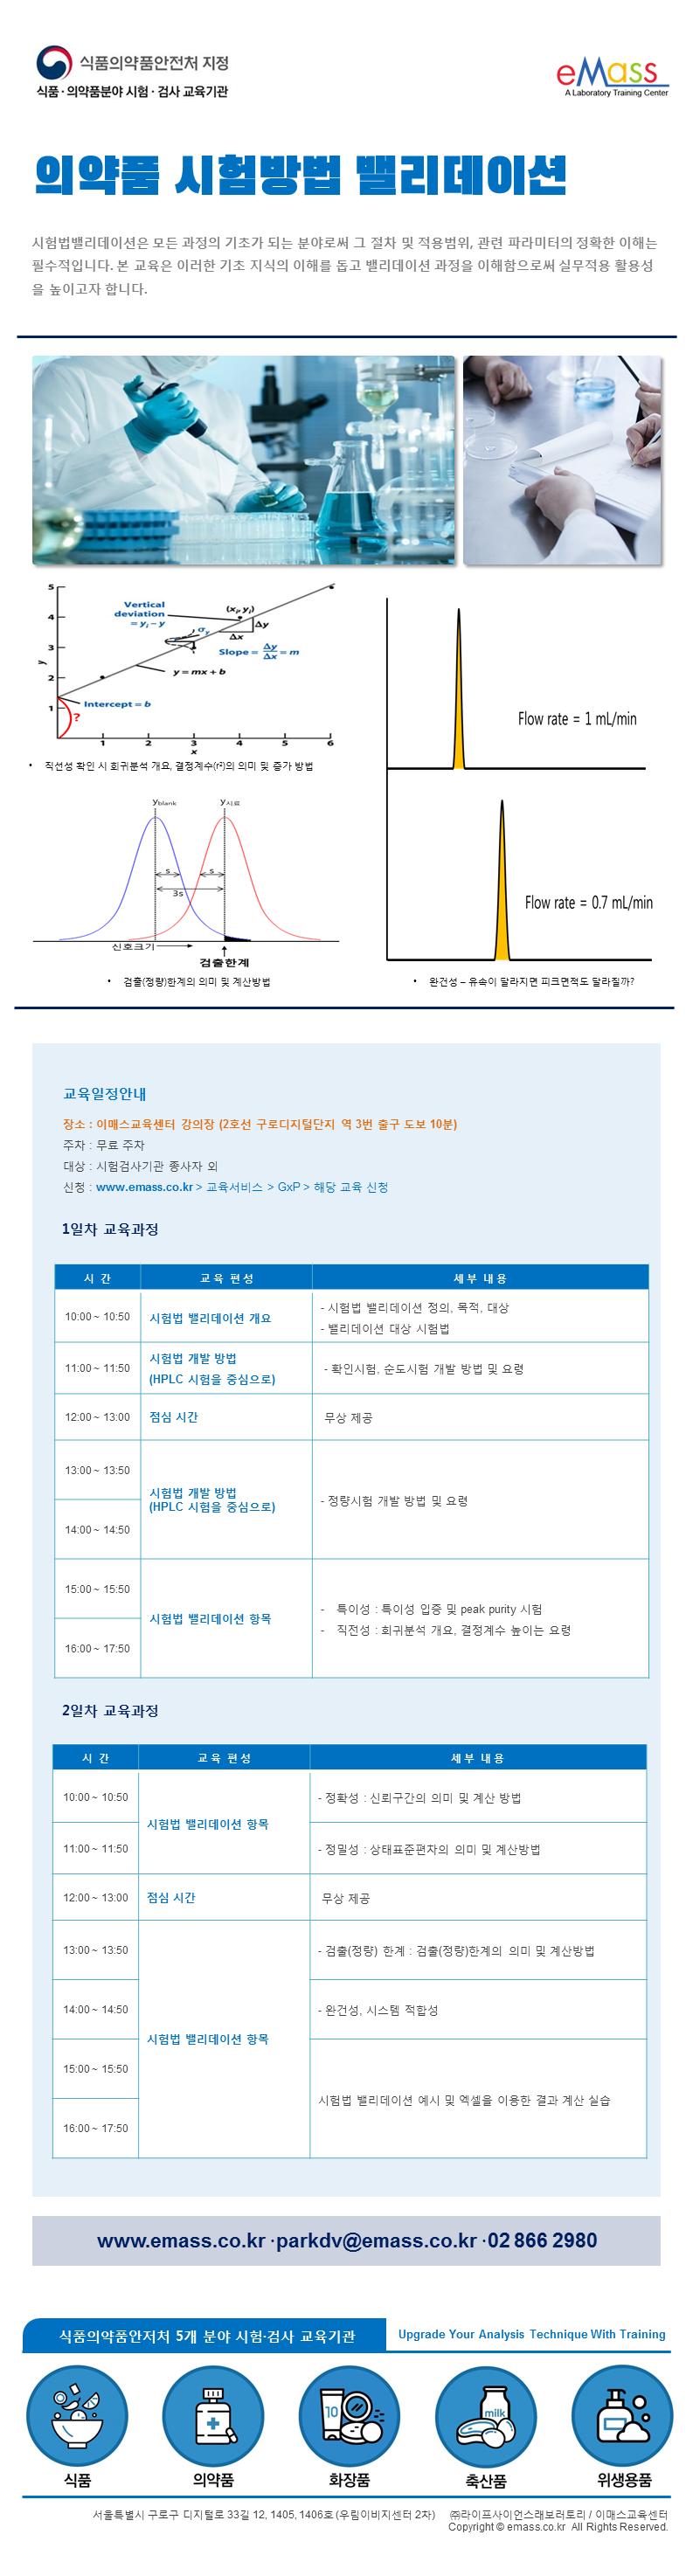 의약품 시험방법 밸리데이션(수정-식약처용시간수정).png